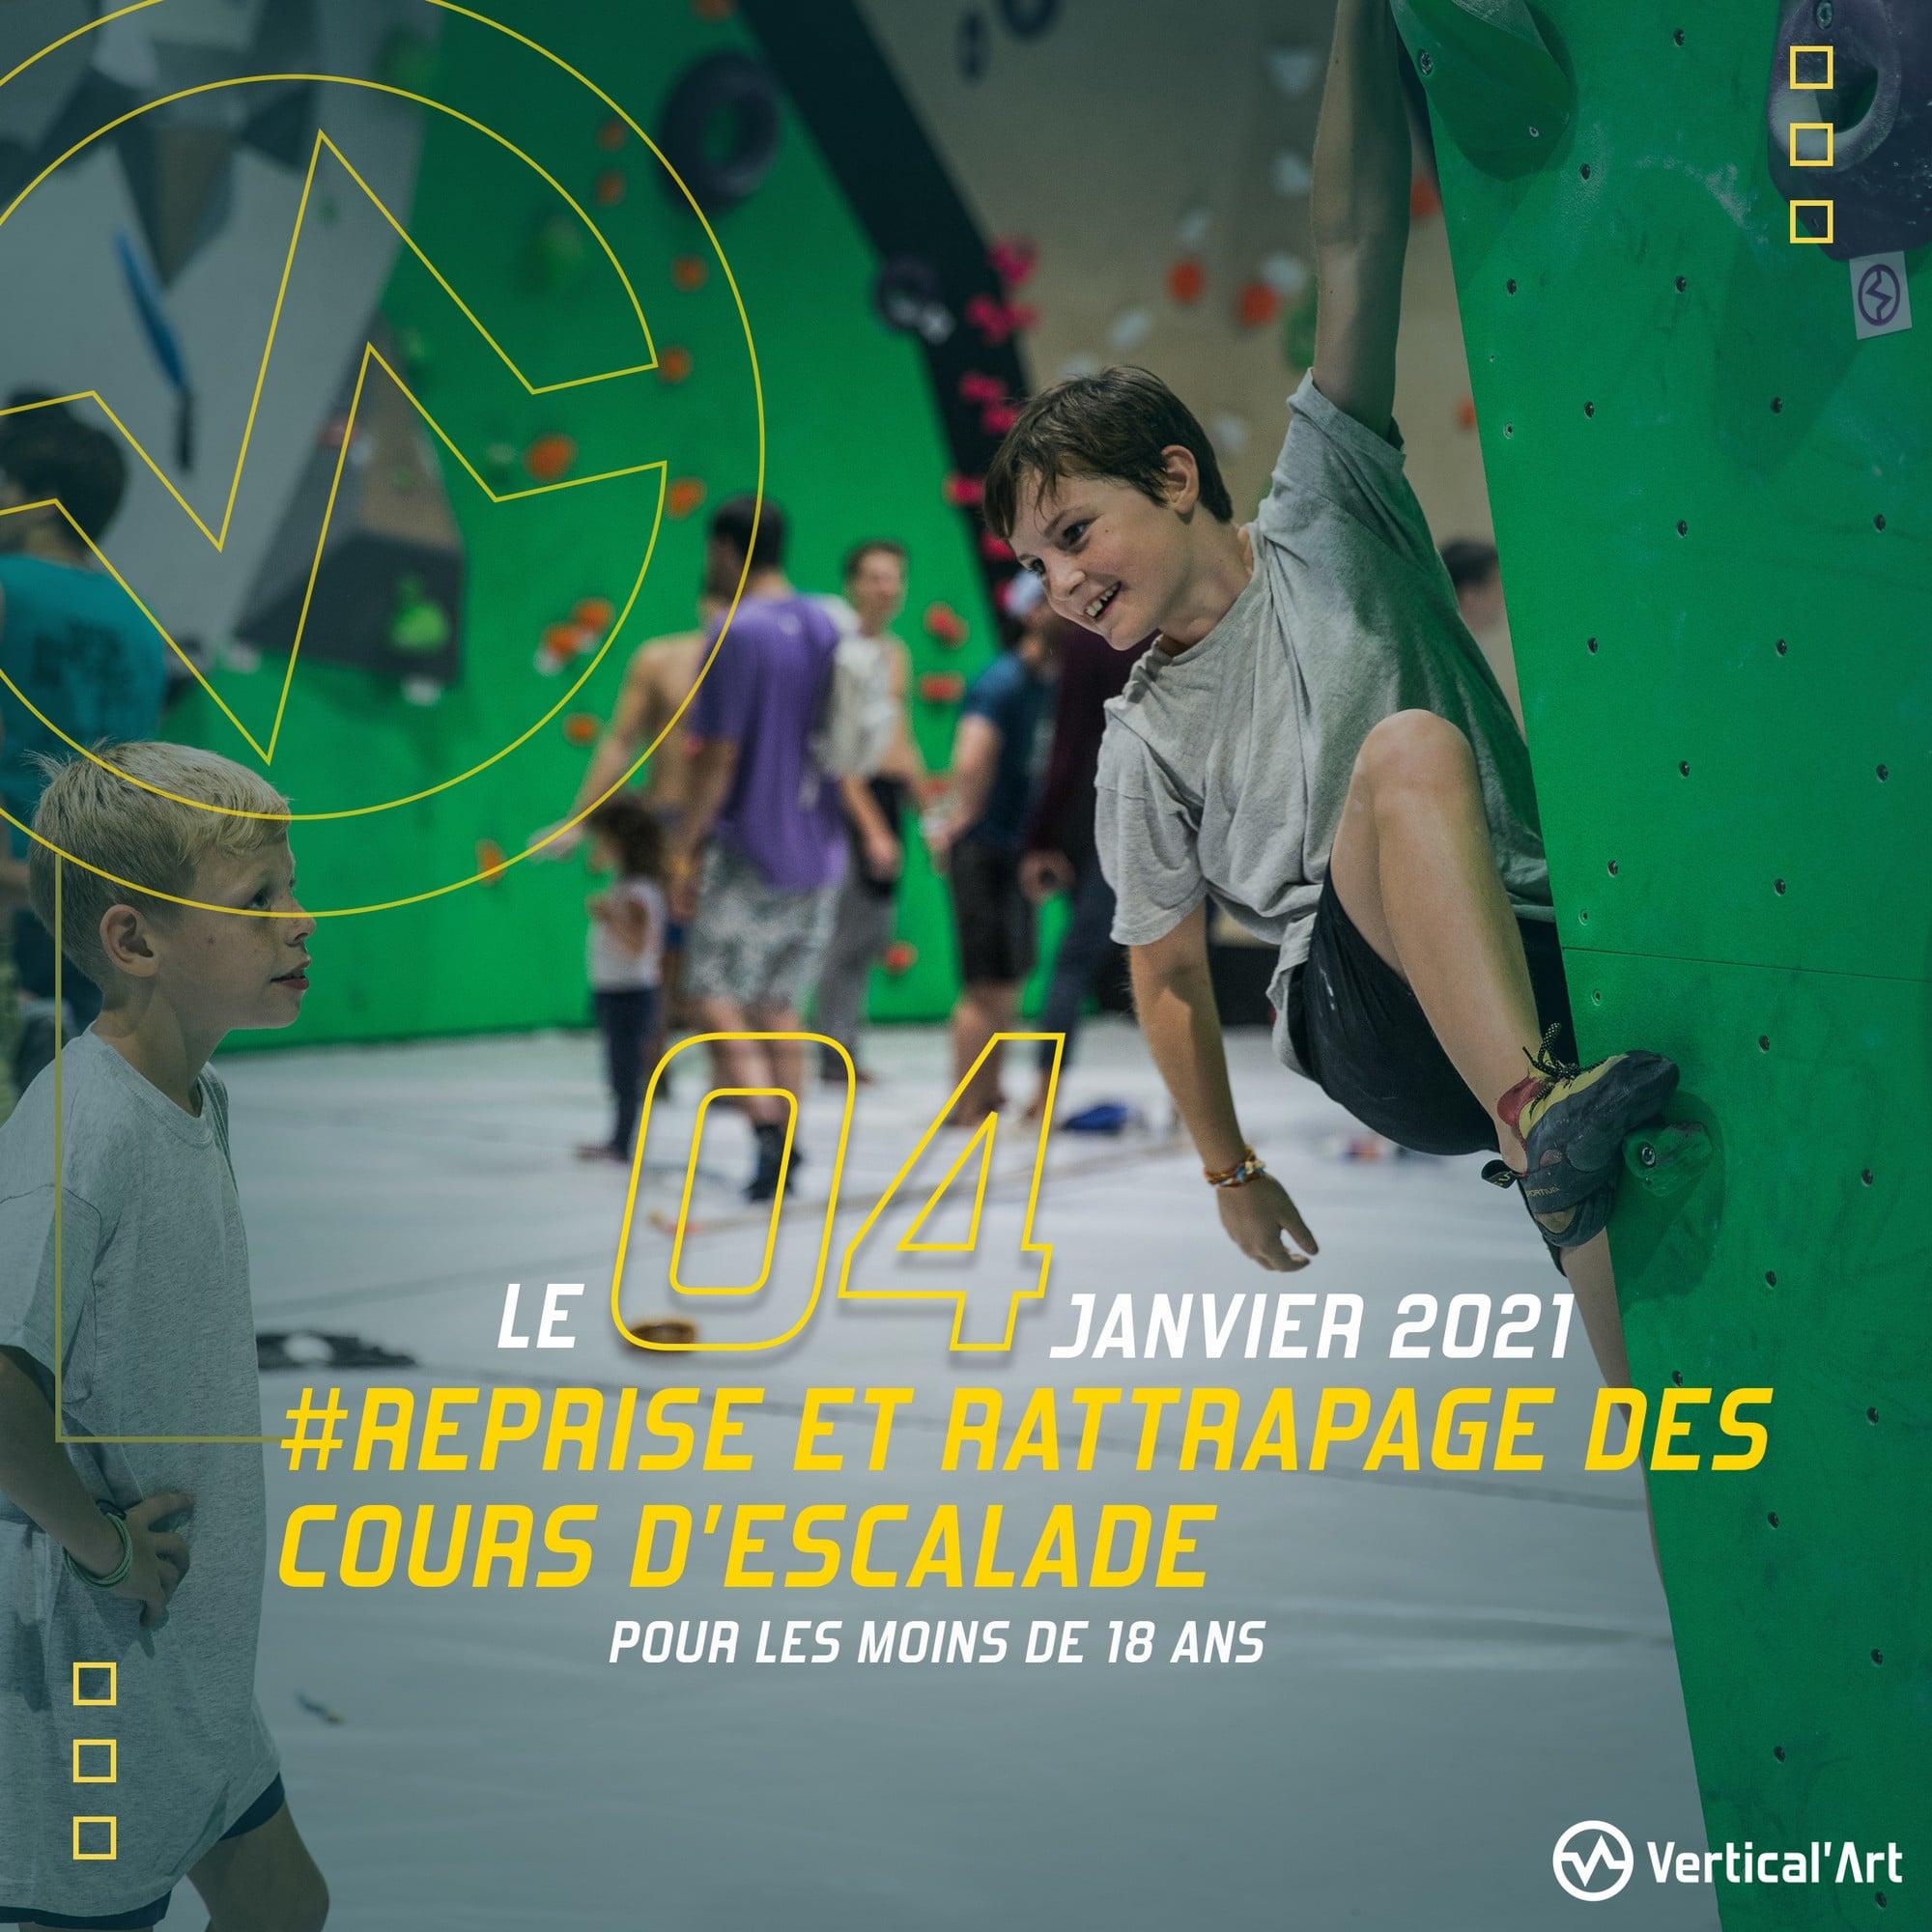 Reprise et rattrapage des cours d'escalade pour les mineurs le 4 janvier à Vertical'Art Nantes